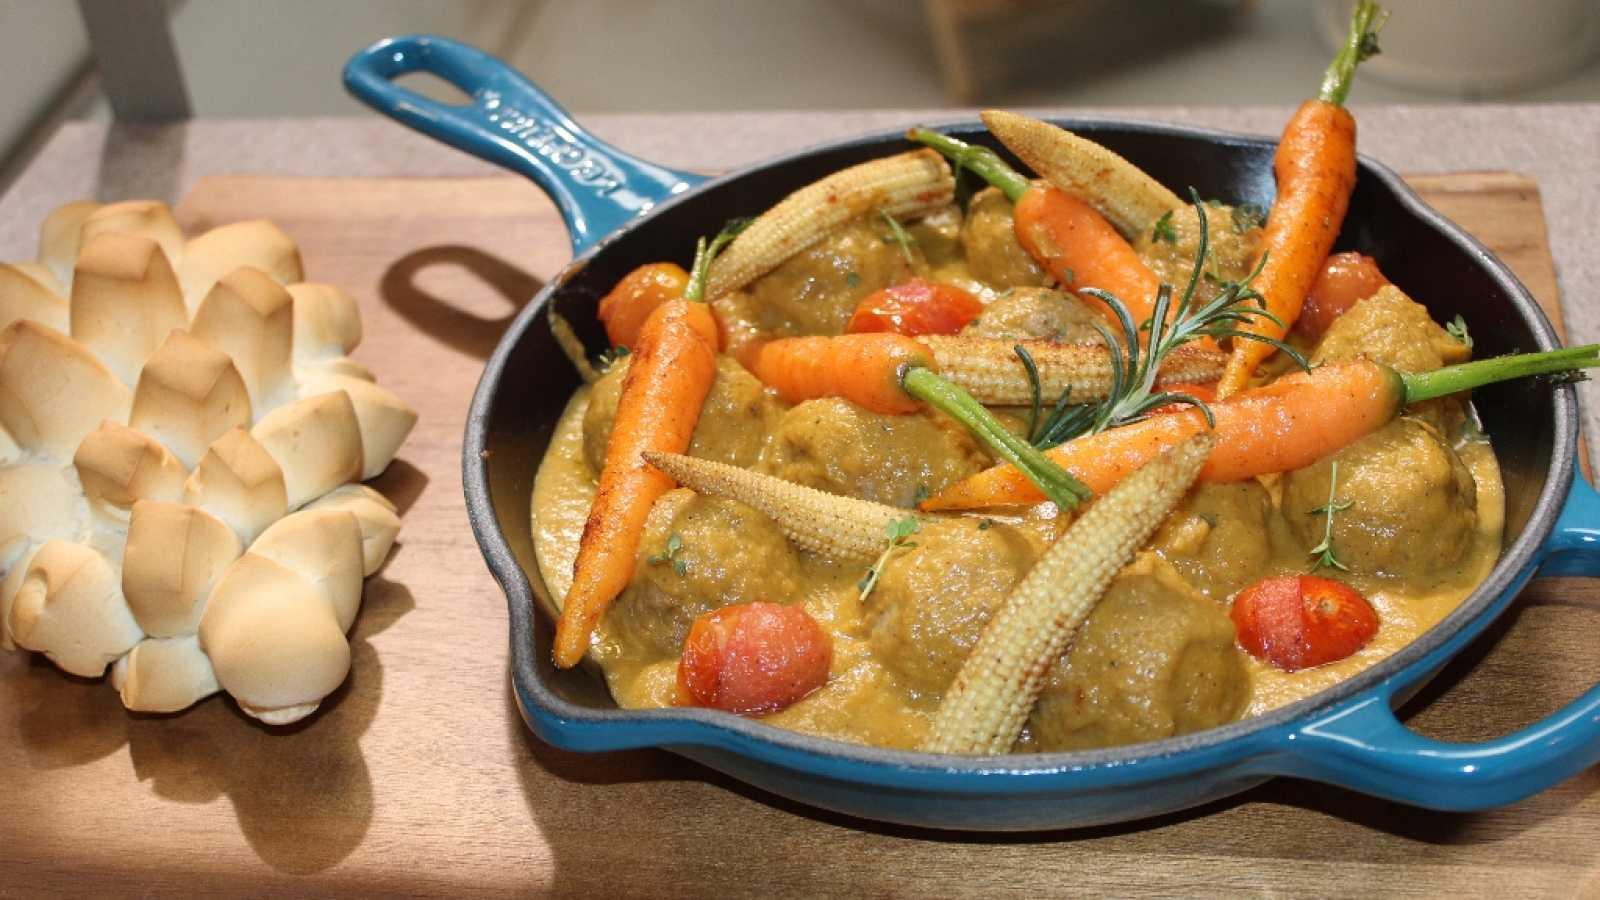 Hacer de comer - Ensalada de quinoa con naranja y albóndigas con verduras - ver ahora